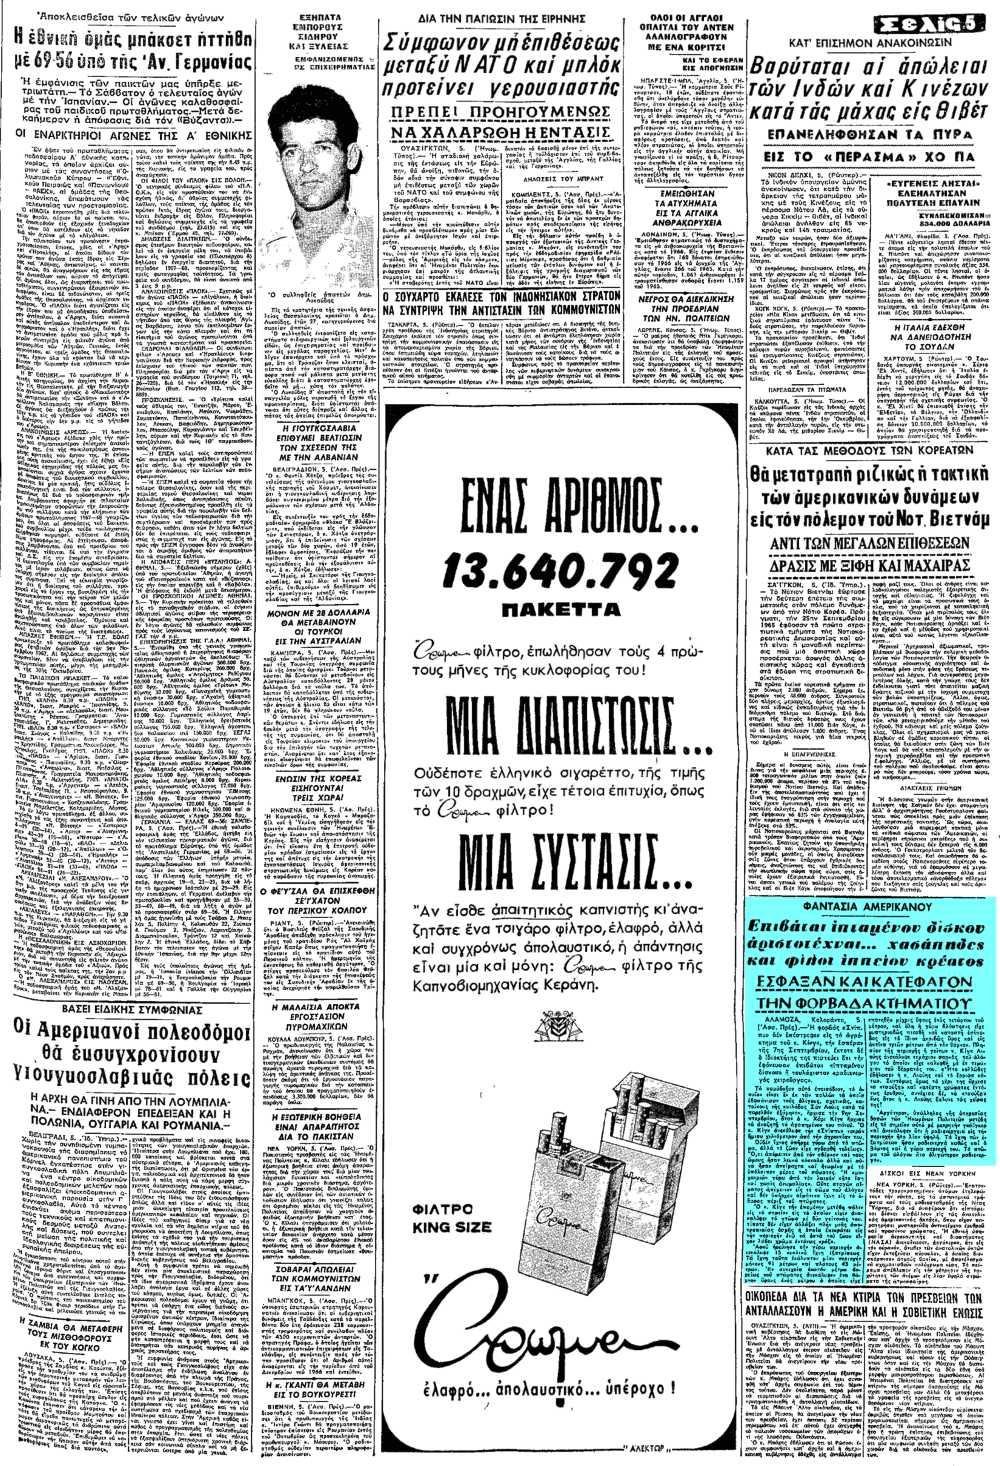 """Το άρθρο, όπως δημοσιεύθηκε στην εφημερίδα """"ΜΑΚΕΔΟΝΙΑ"""", στις 06/10/1967"""